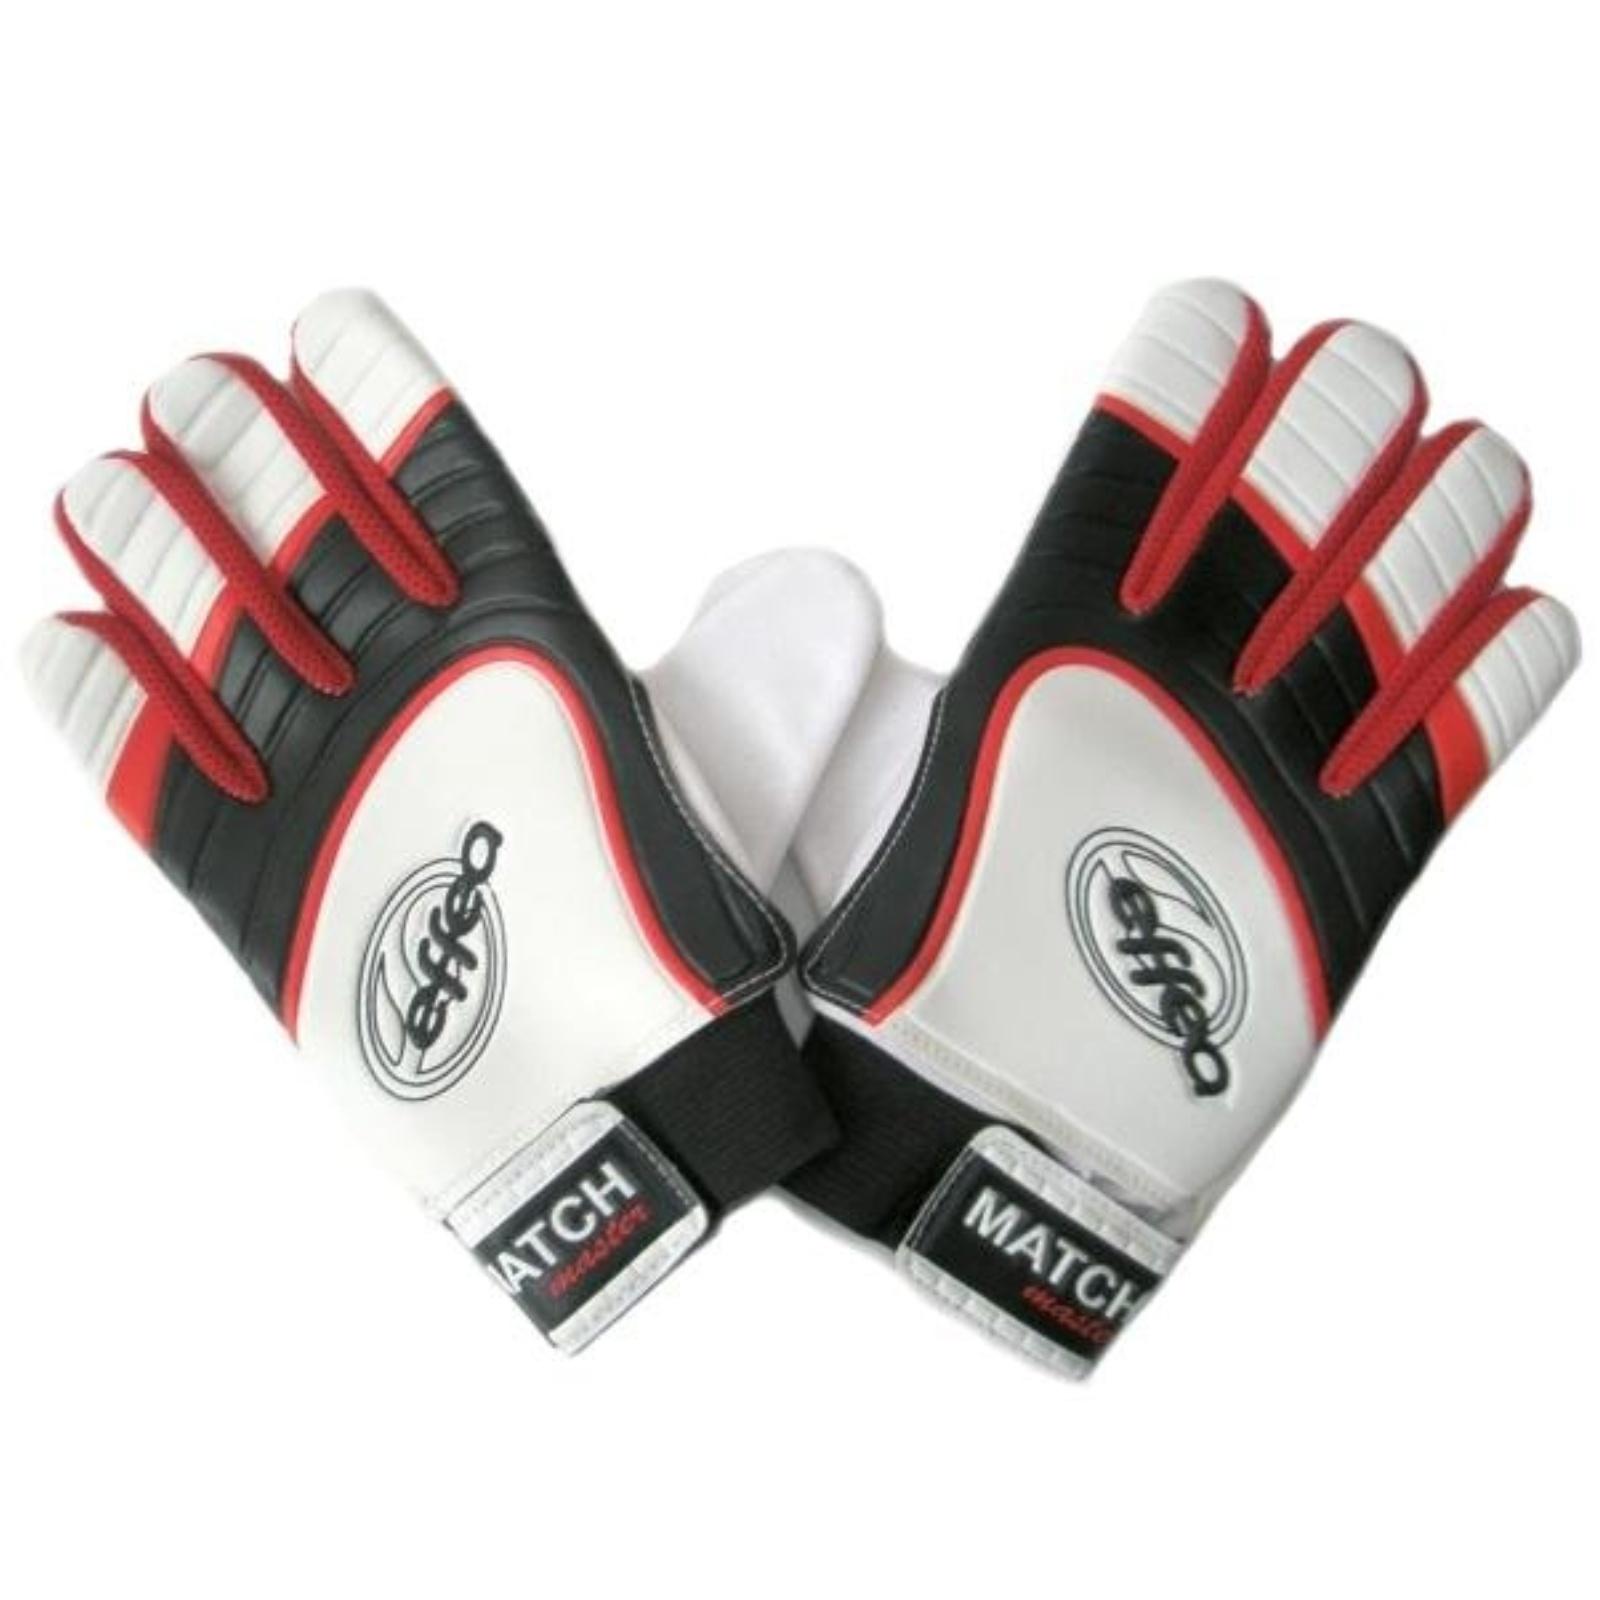 Fotbalové rukavice EFFEA 6019 dětské - vel. 4